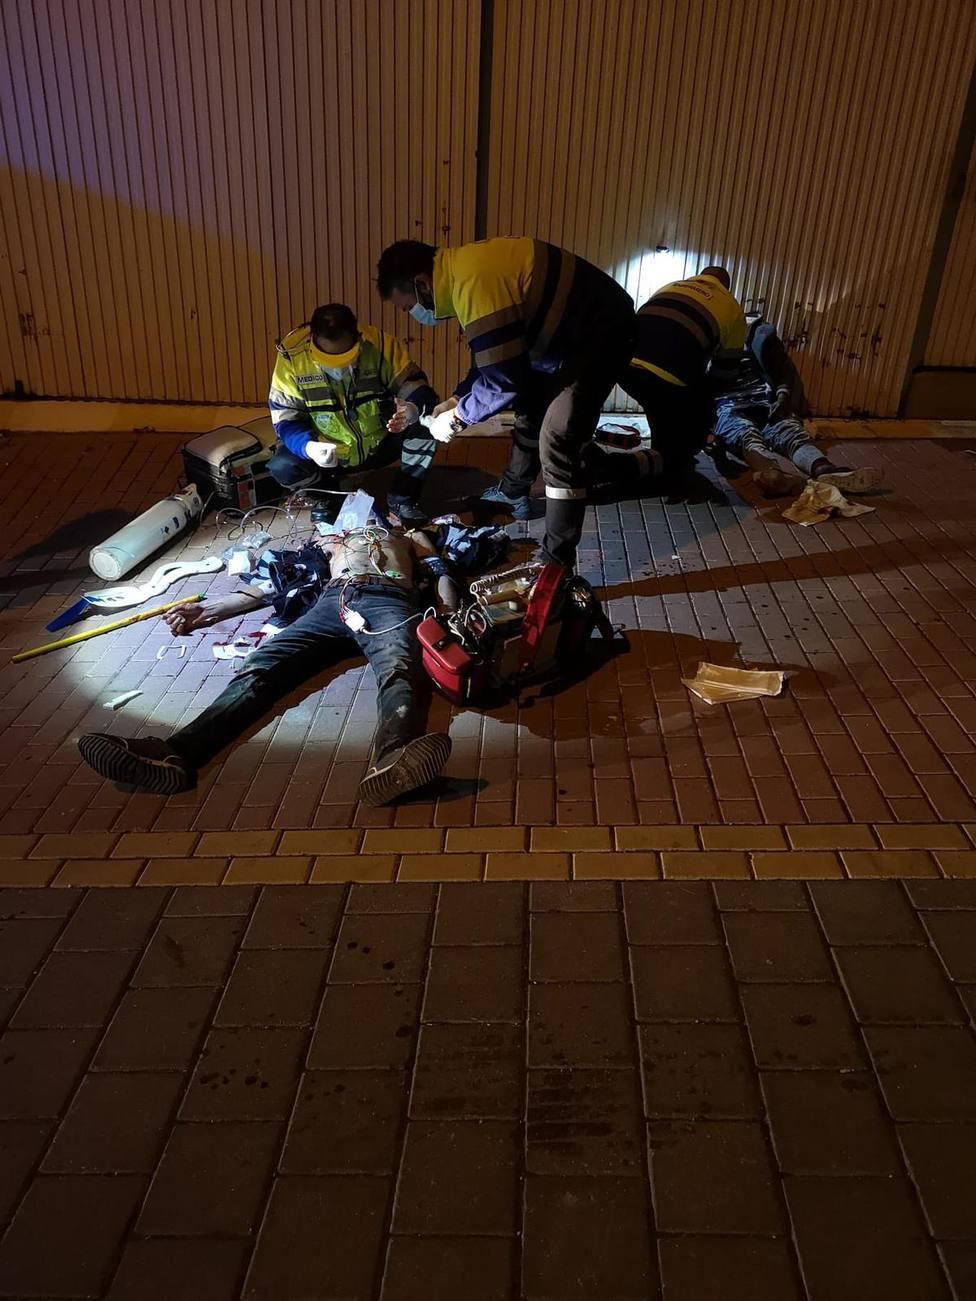 Heridos dos hombres tras una pelea con armas blancas en San Cristóbal